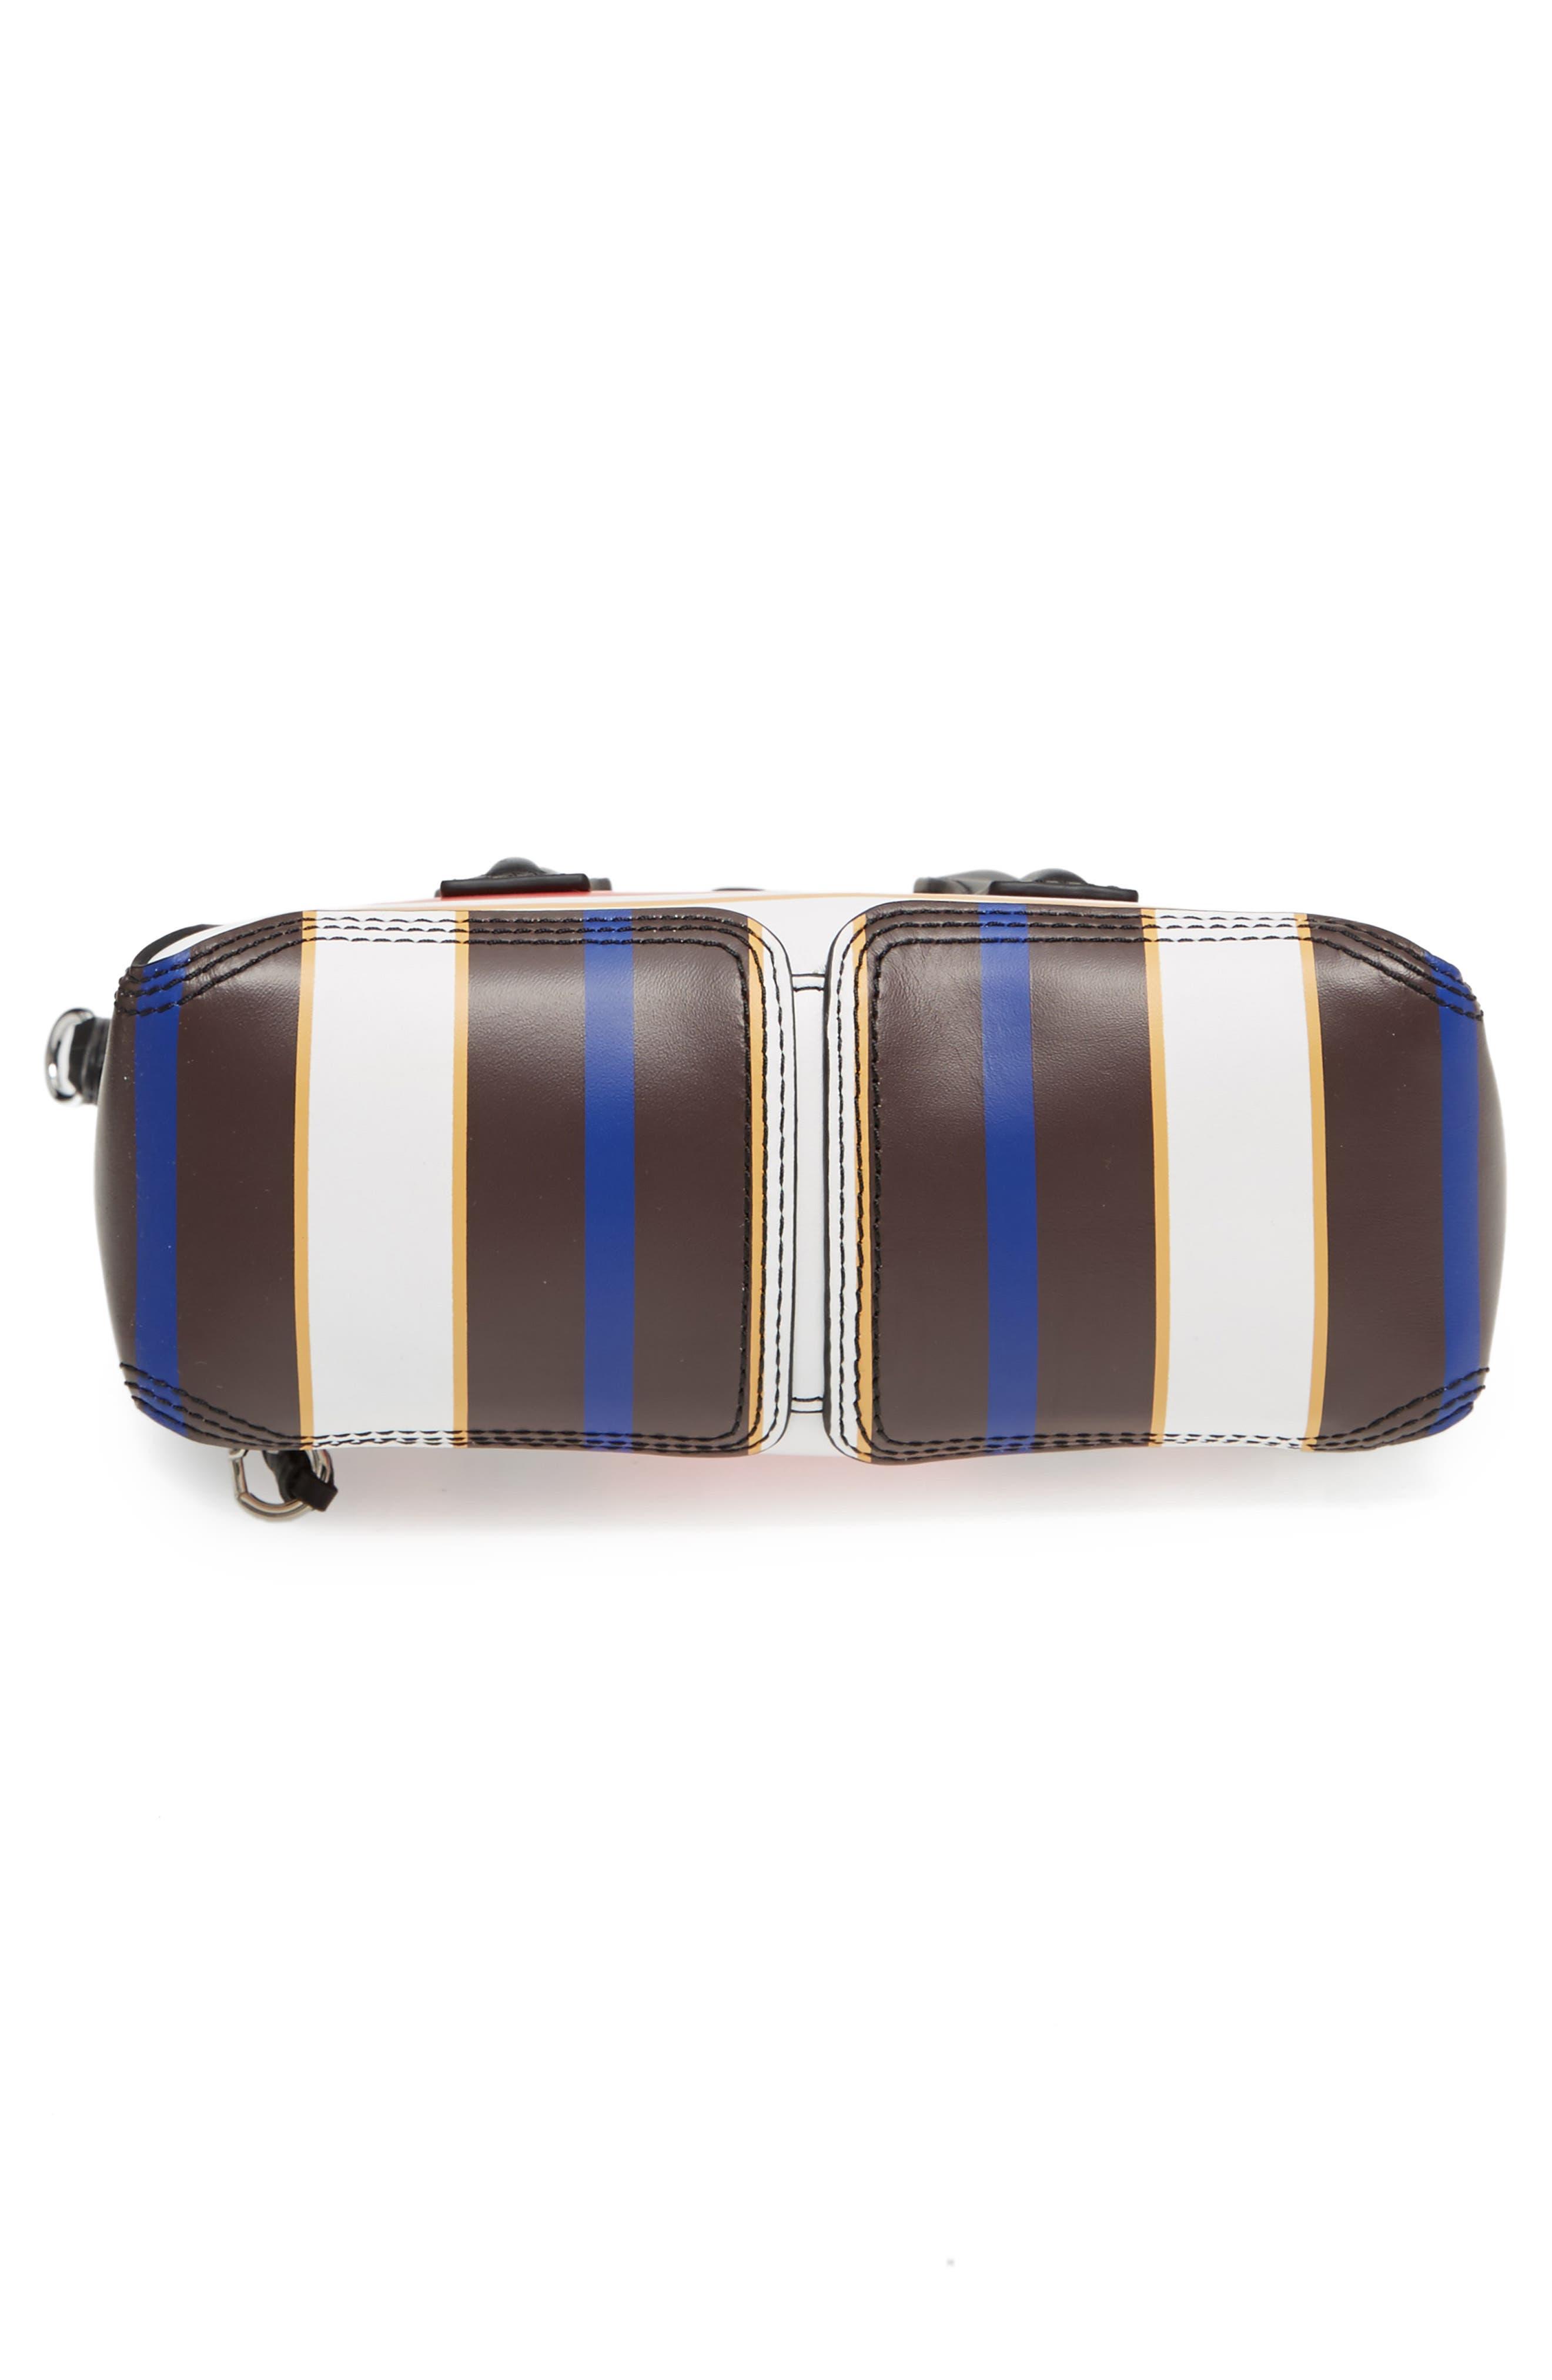 Mini Pashli Stripe Leather Satchel,                             Alternate thumbnail 6, color,                             600